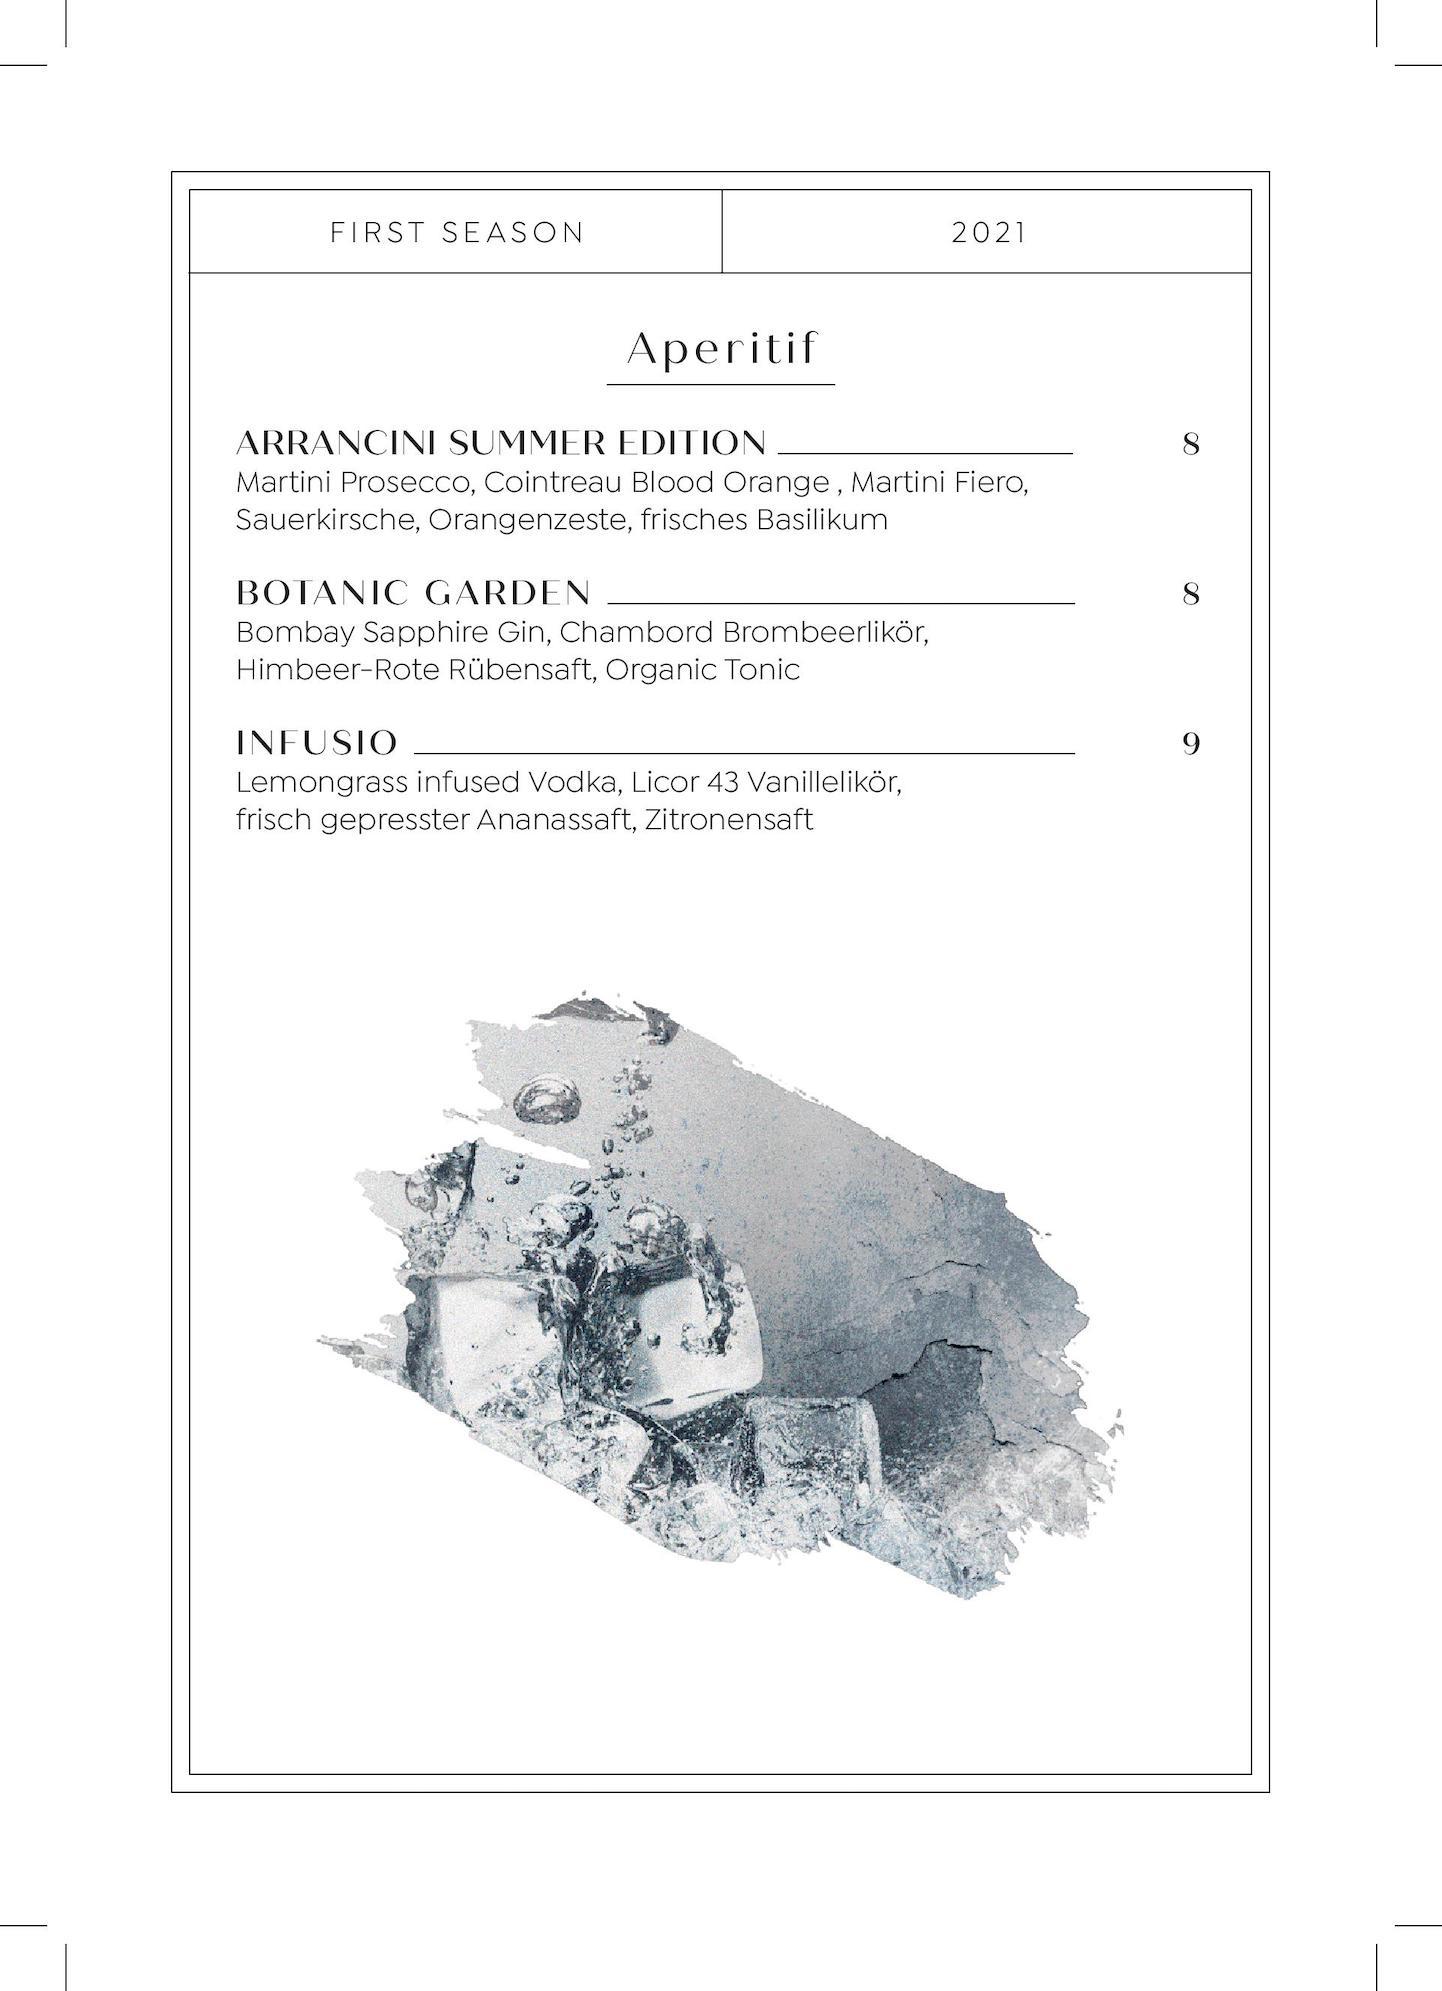 DaRose_menu_roviditettPrint-page-003